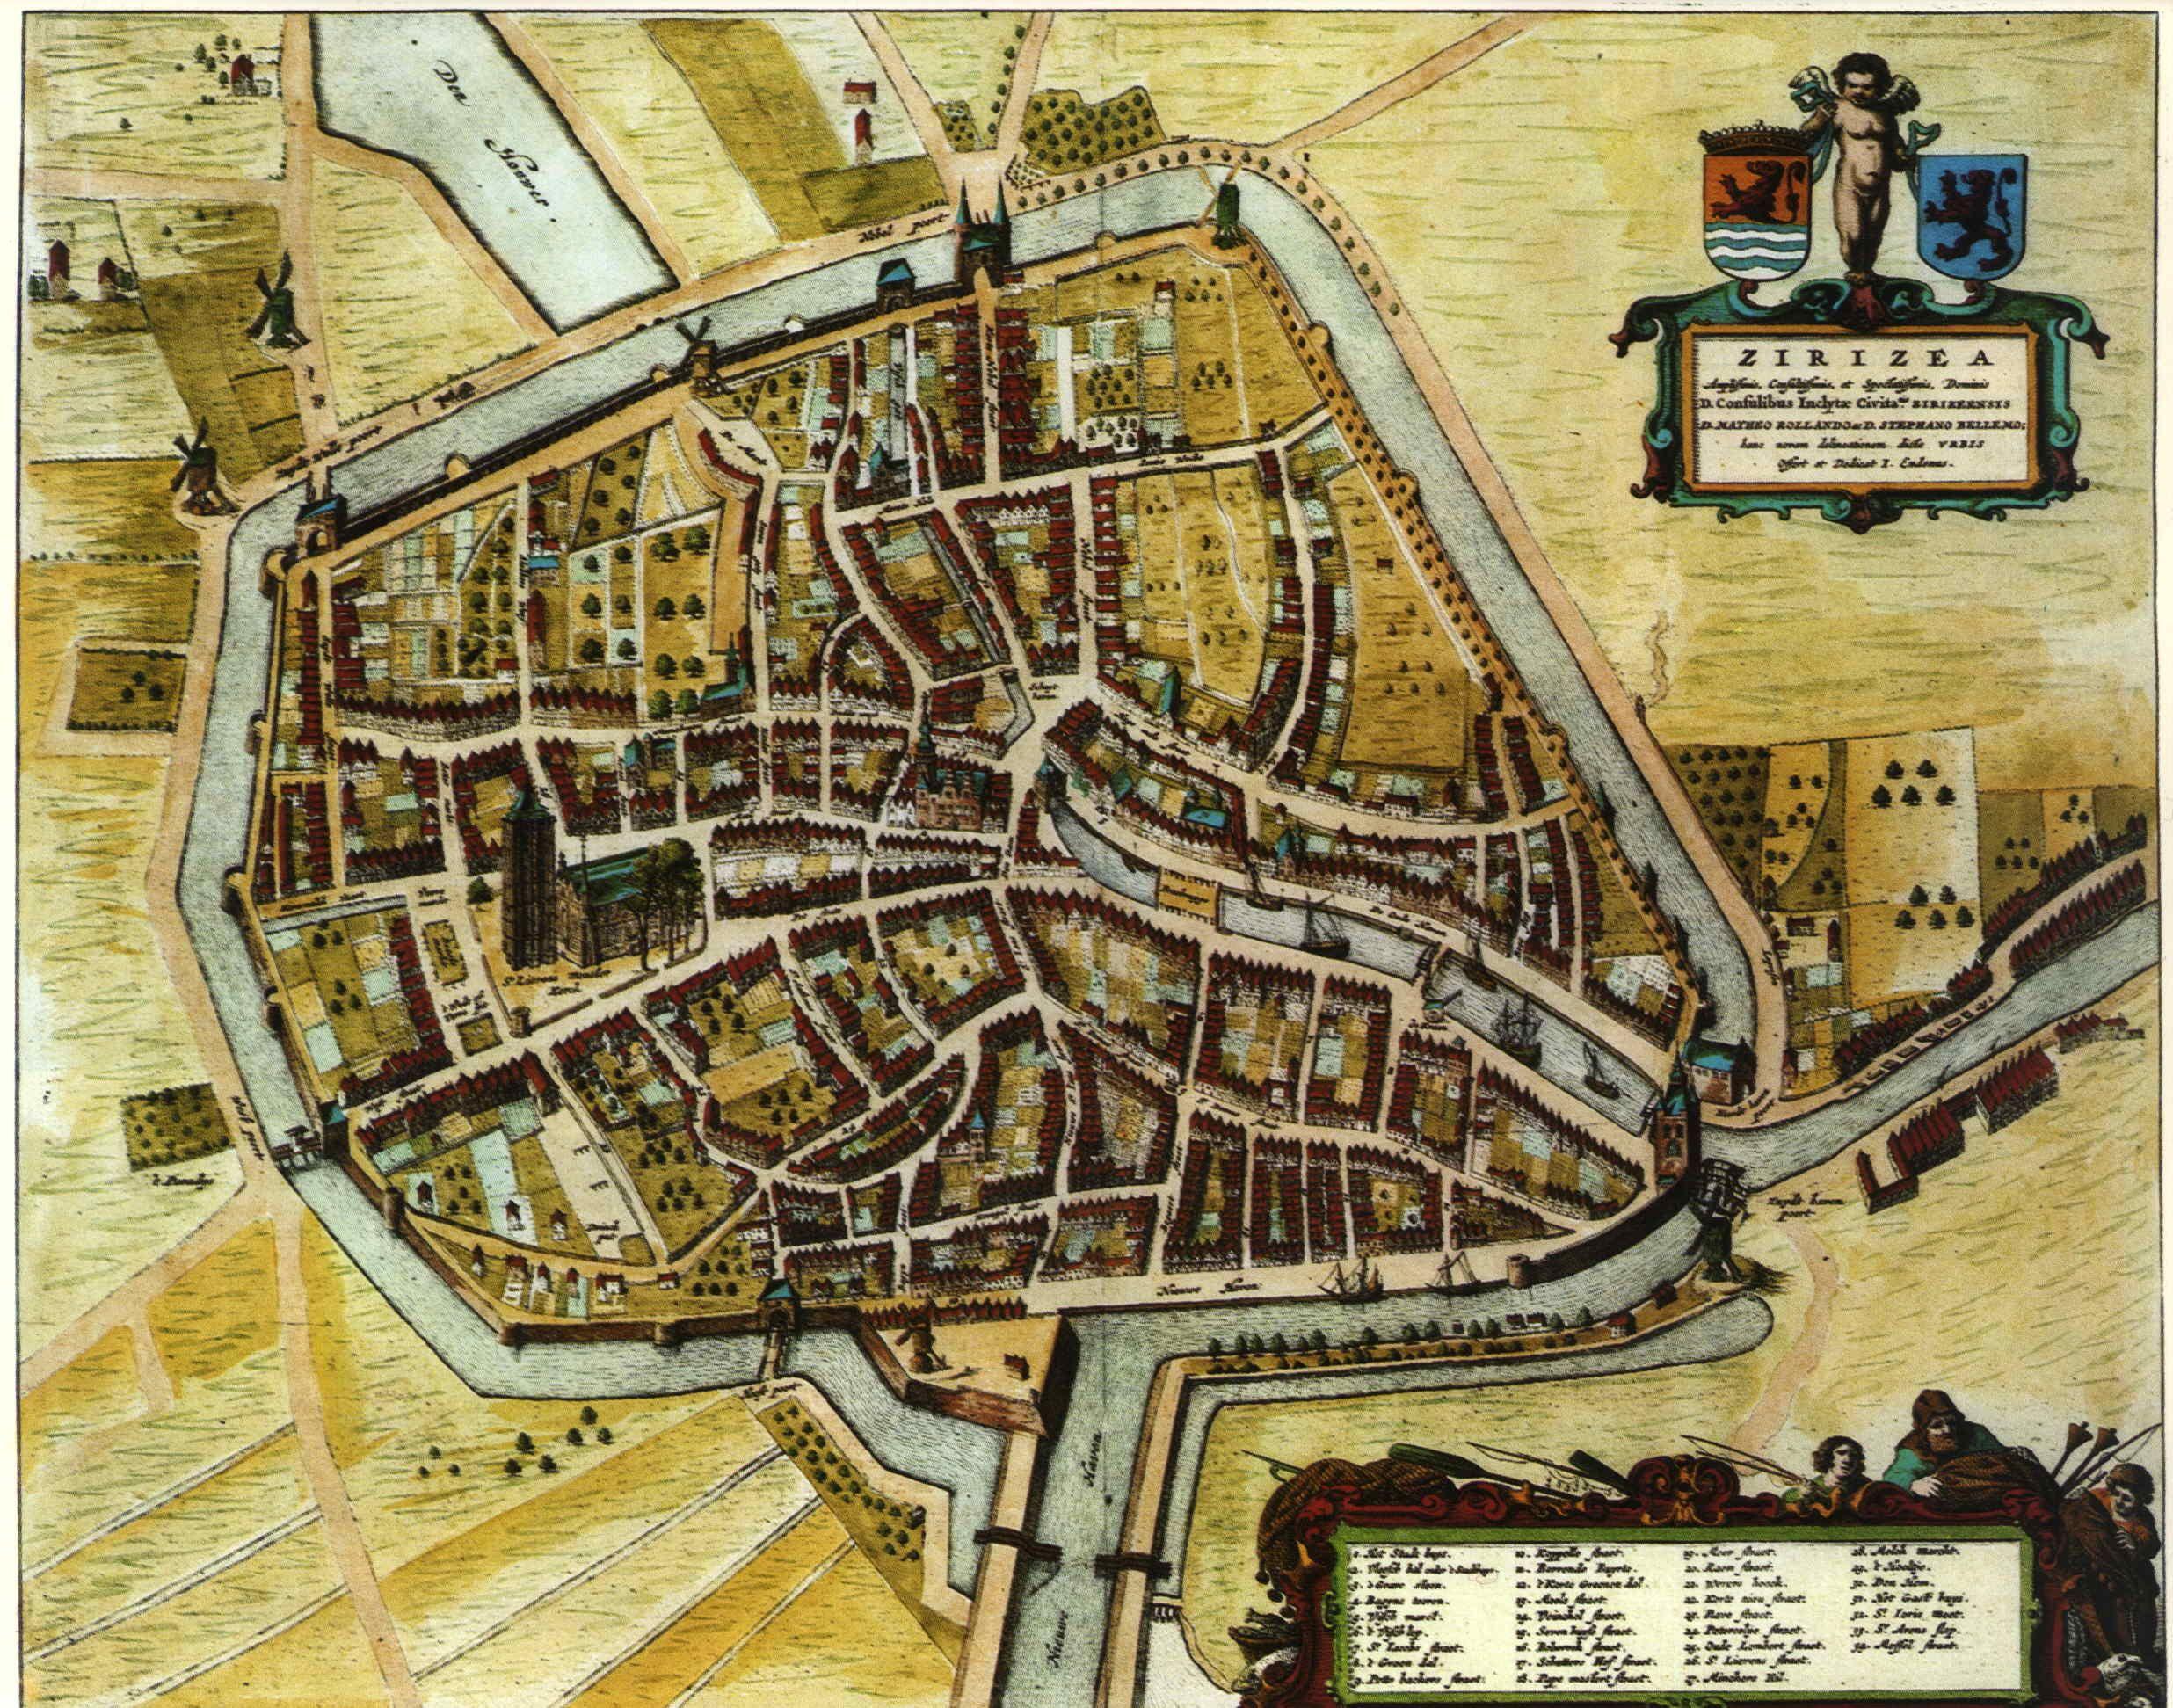 Blaeu Atlas Zierikzee ca 1662 Netherlands Maps Willem and Joan